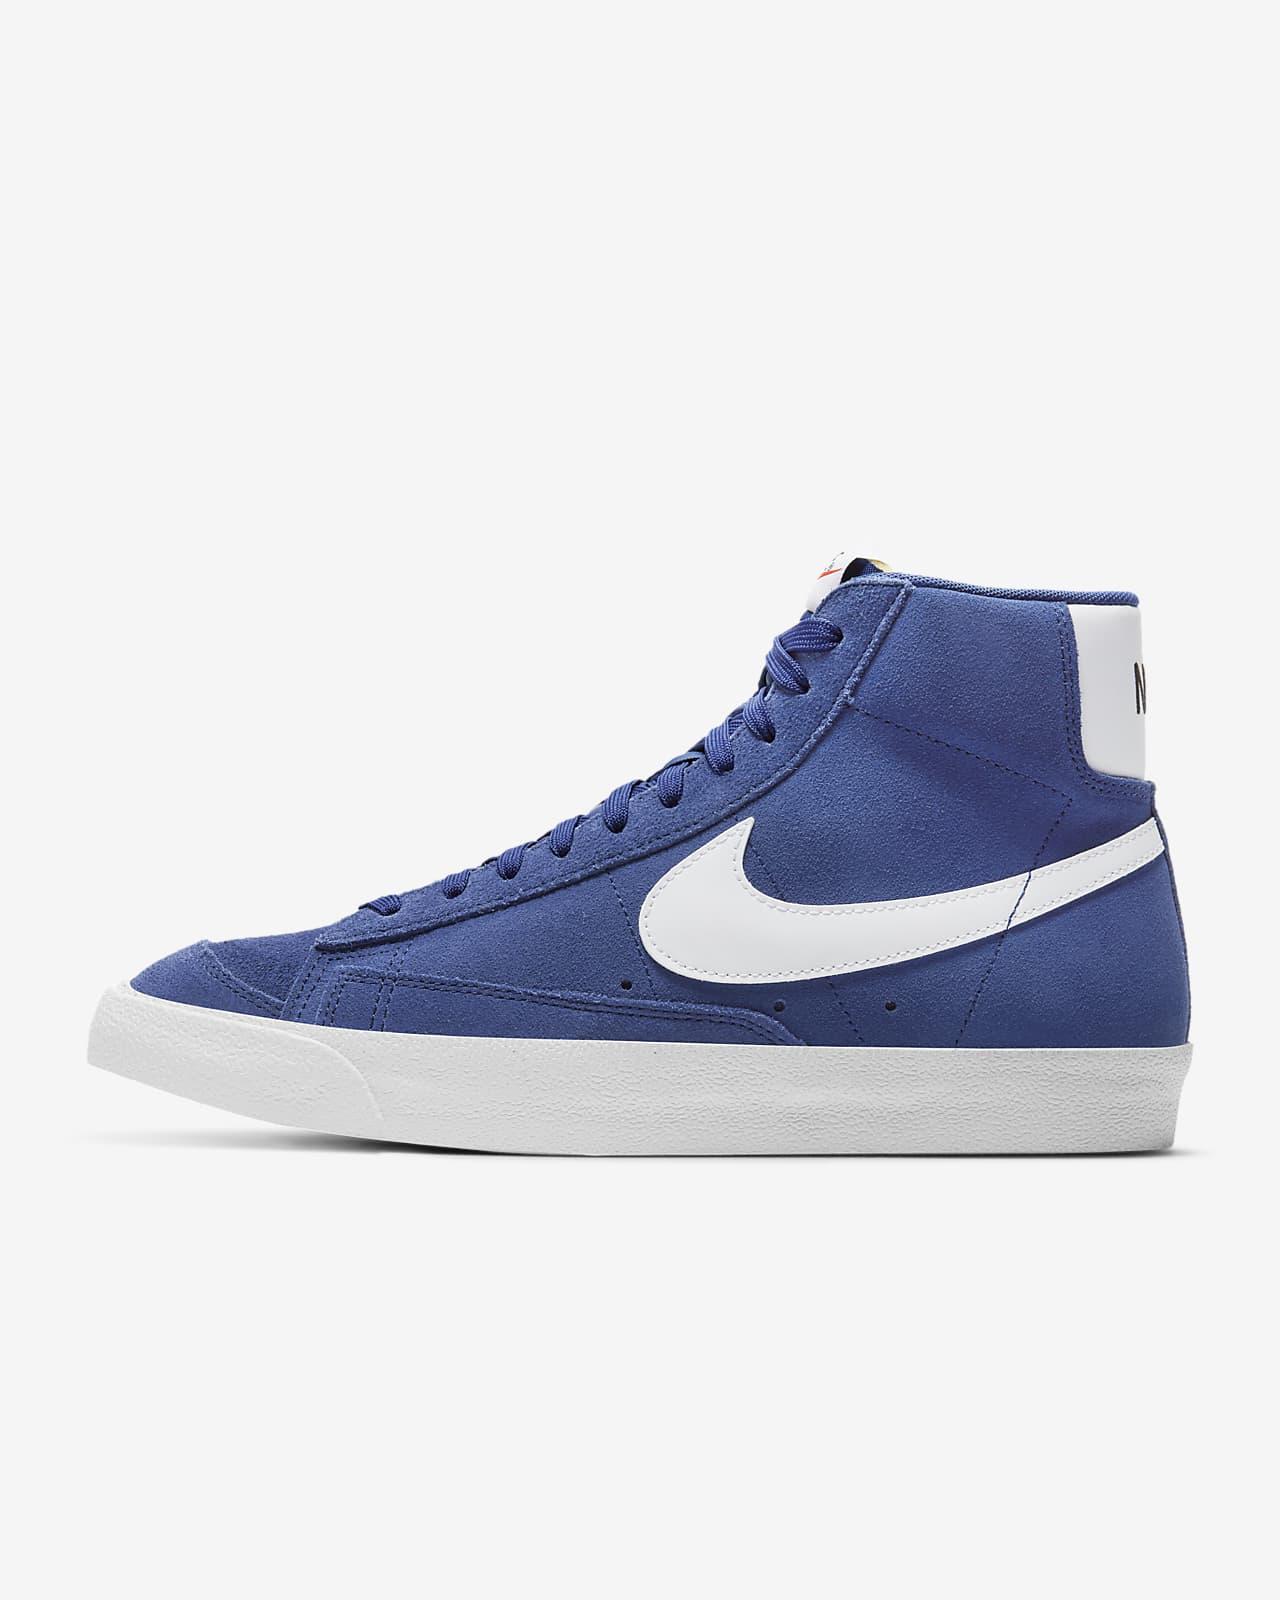 Nike Blazer Mid '77 Suede 男子运动鞋